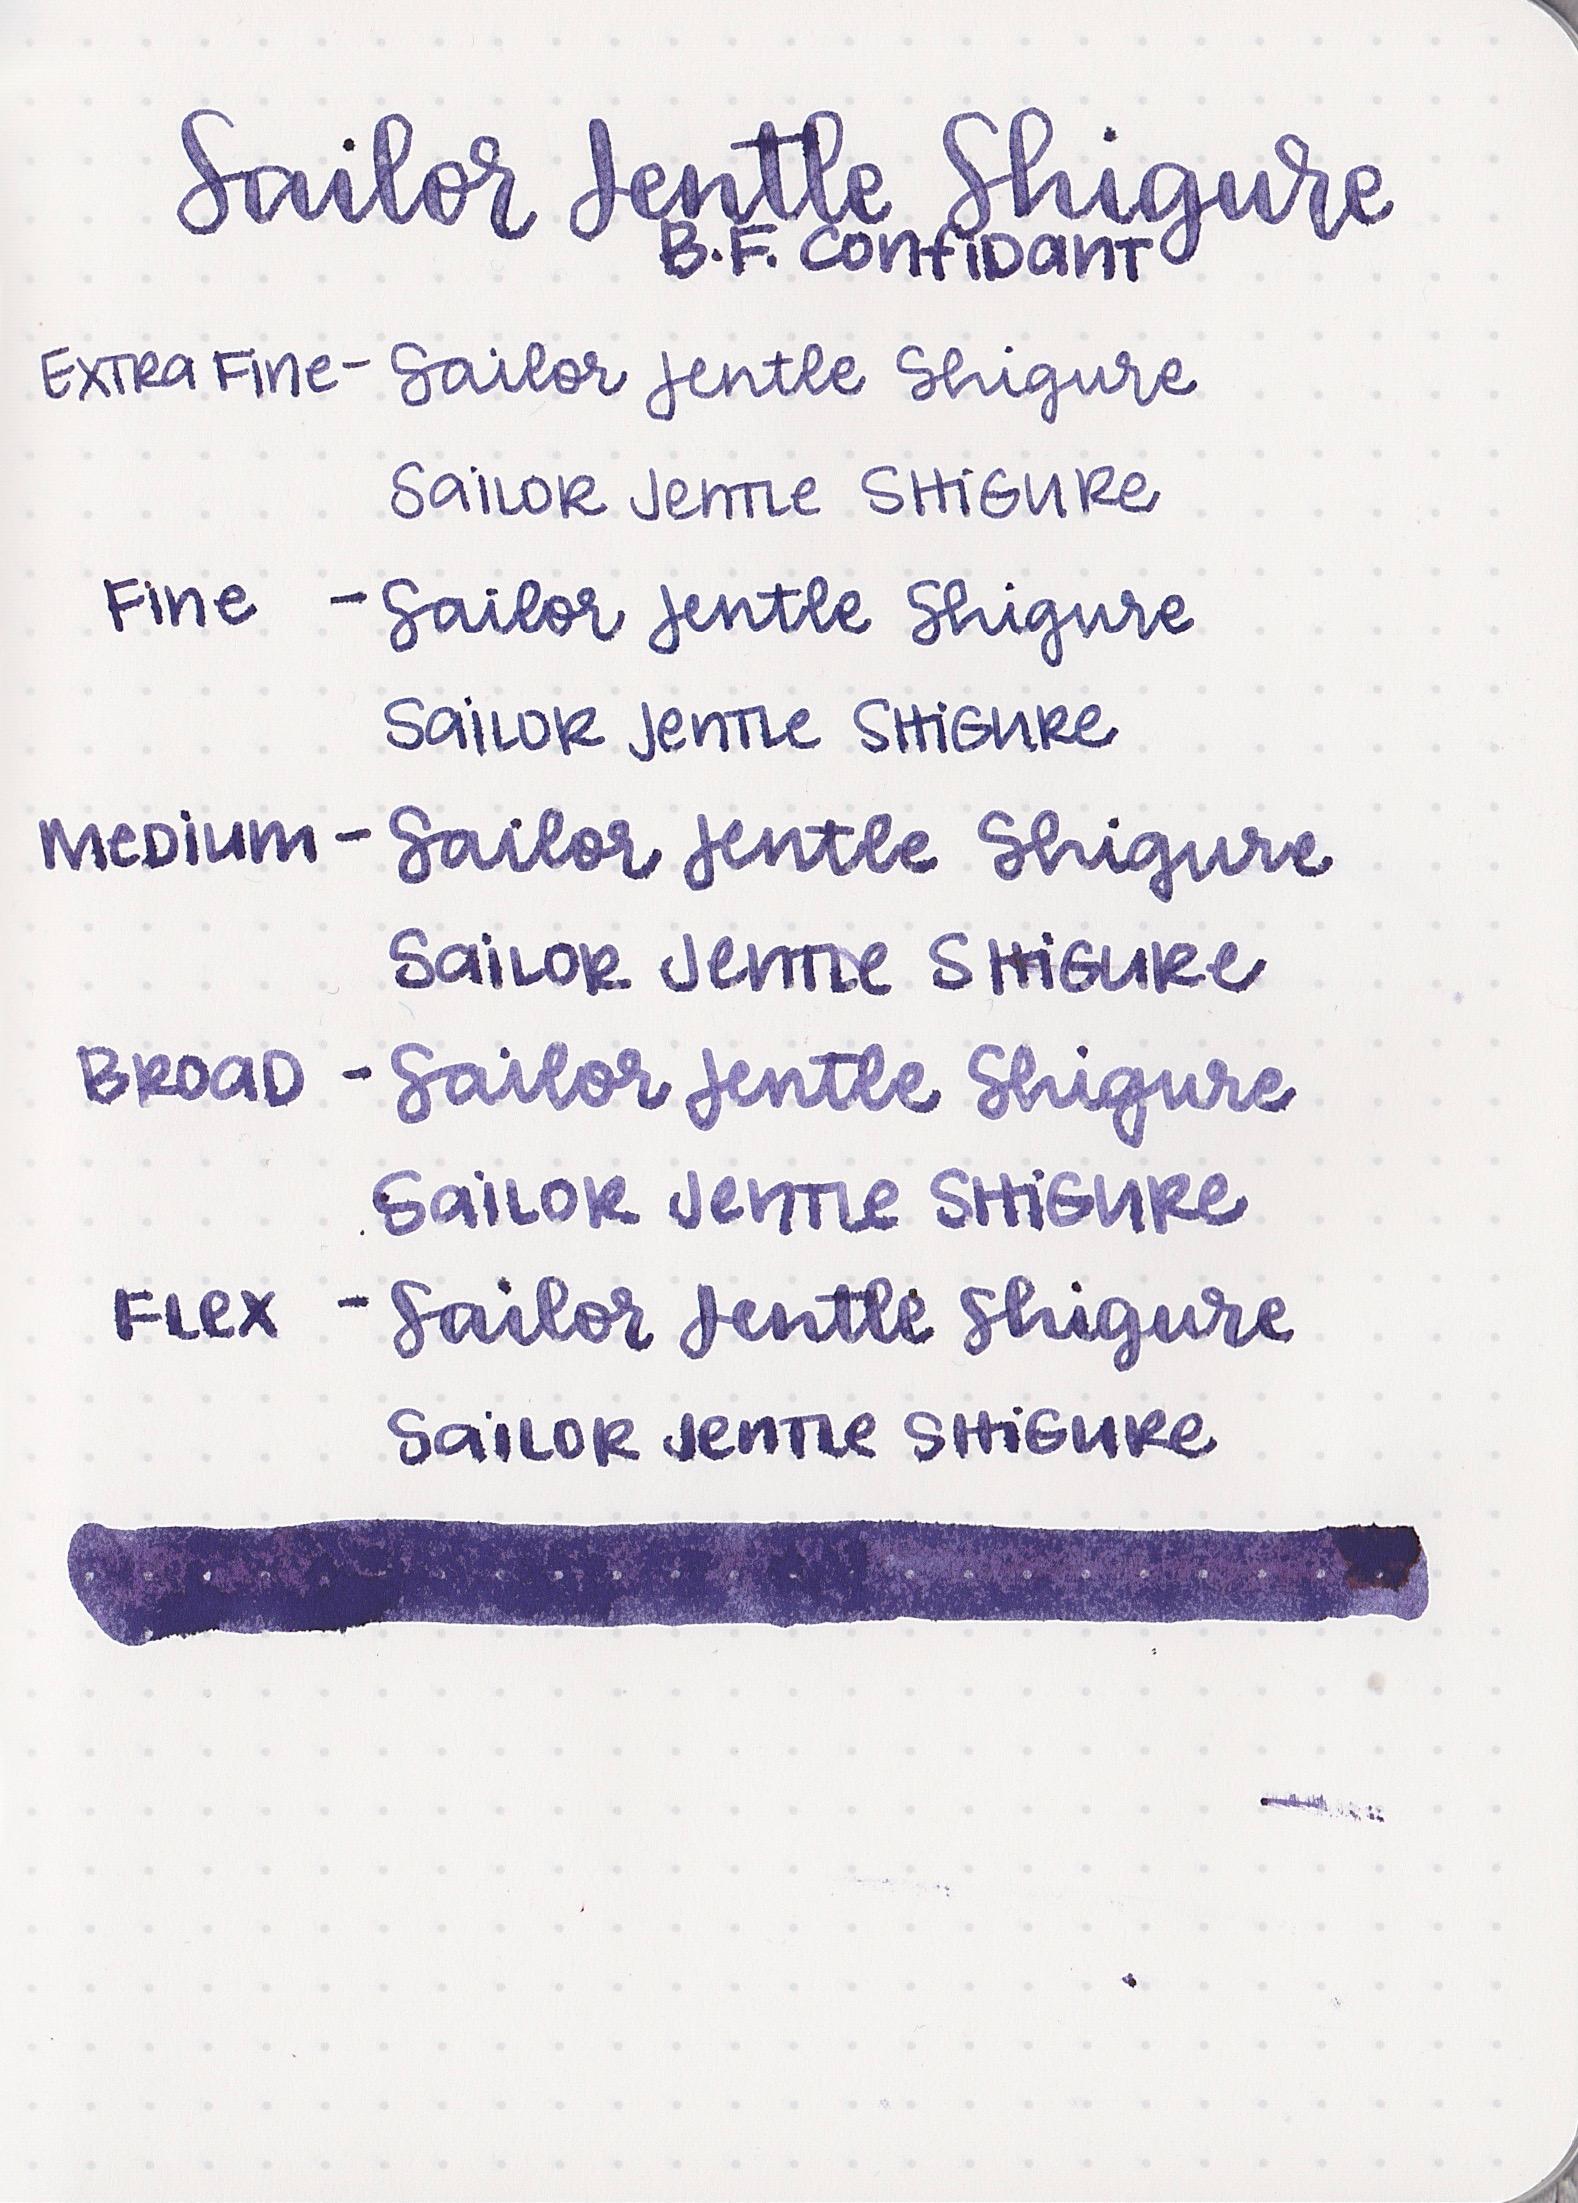 SJShigure - 10.jpg